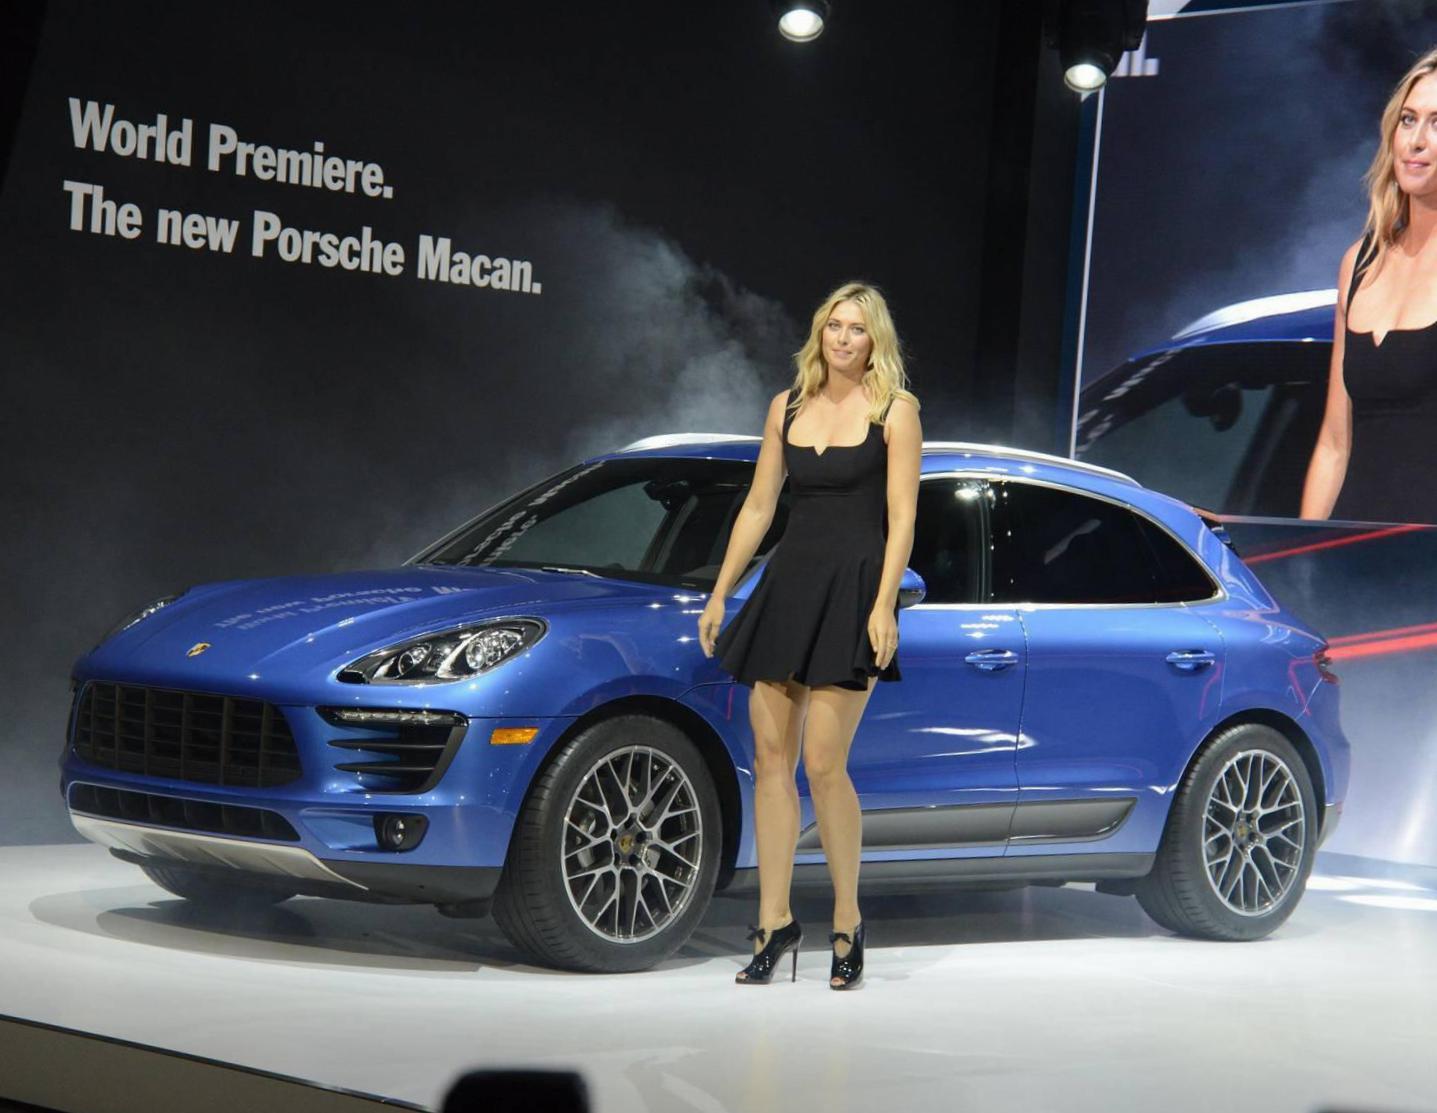 Porsche Macan Photos And Specs Photo Porsche Macan Models And 23 Perfect Photos Of Porsche Macan